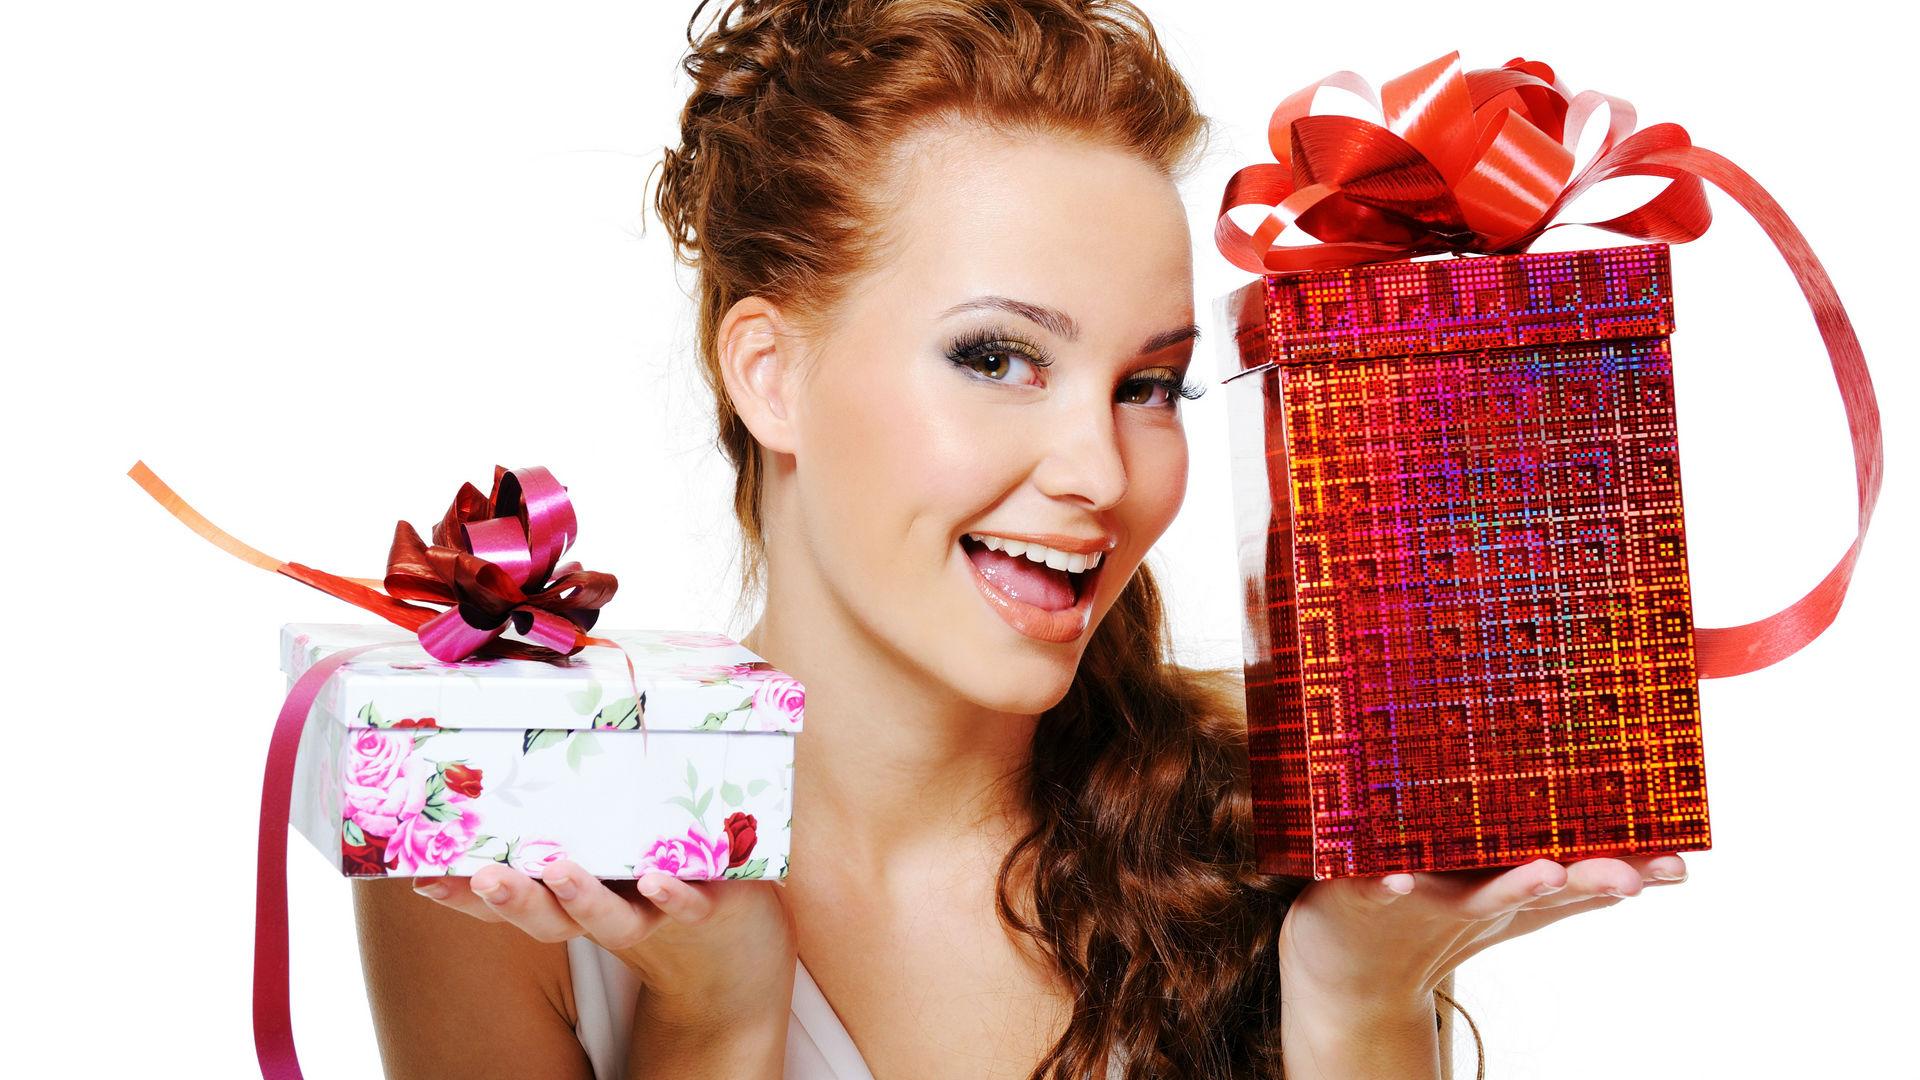 Красивые фото подарков для девушек